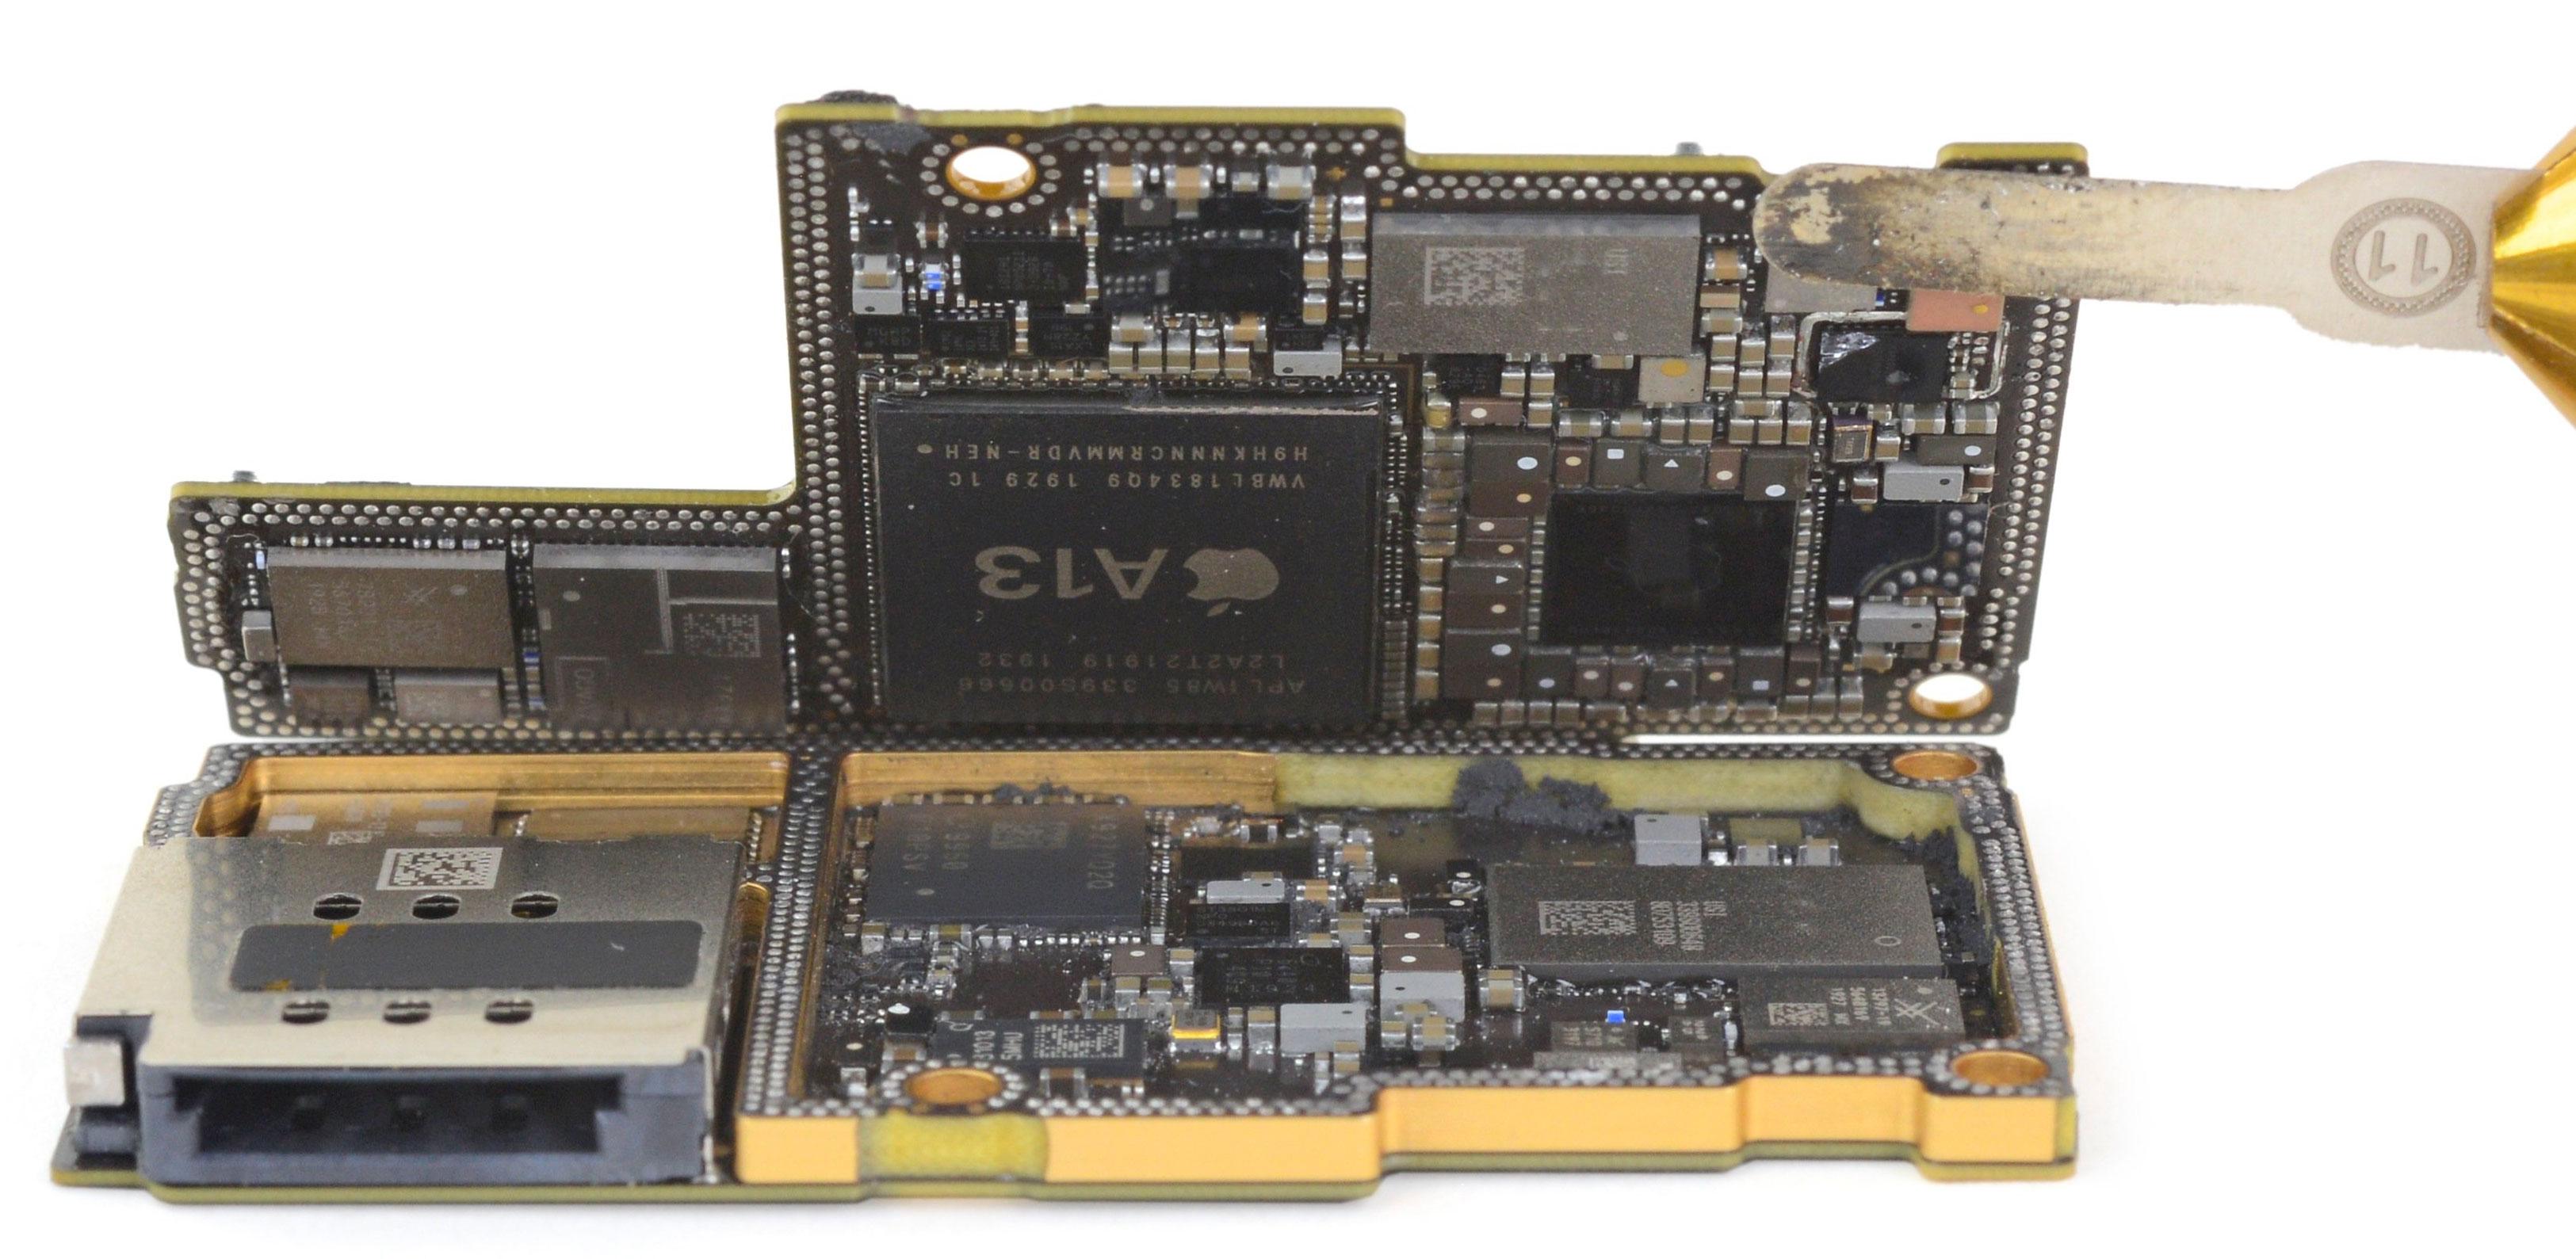 Placa base del iPhone 11 Pro Max, con el A13